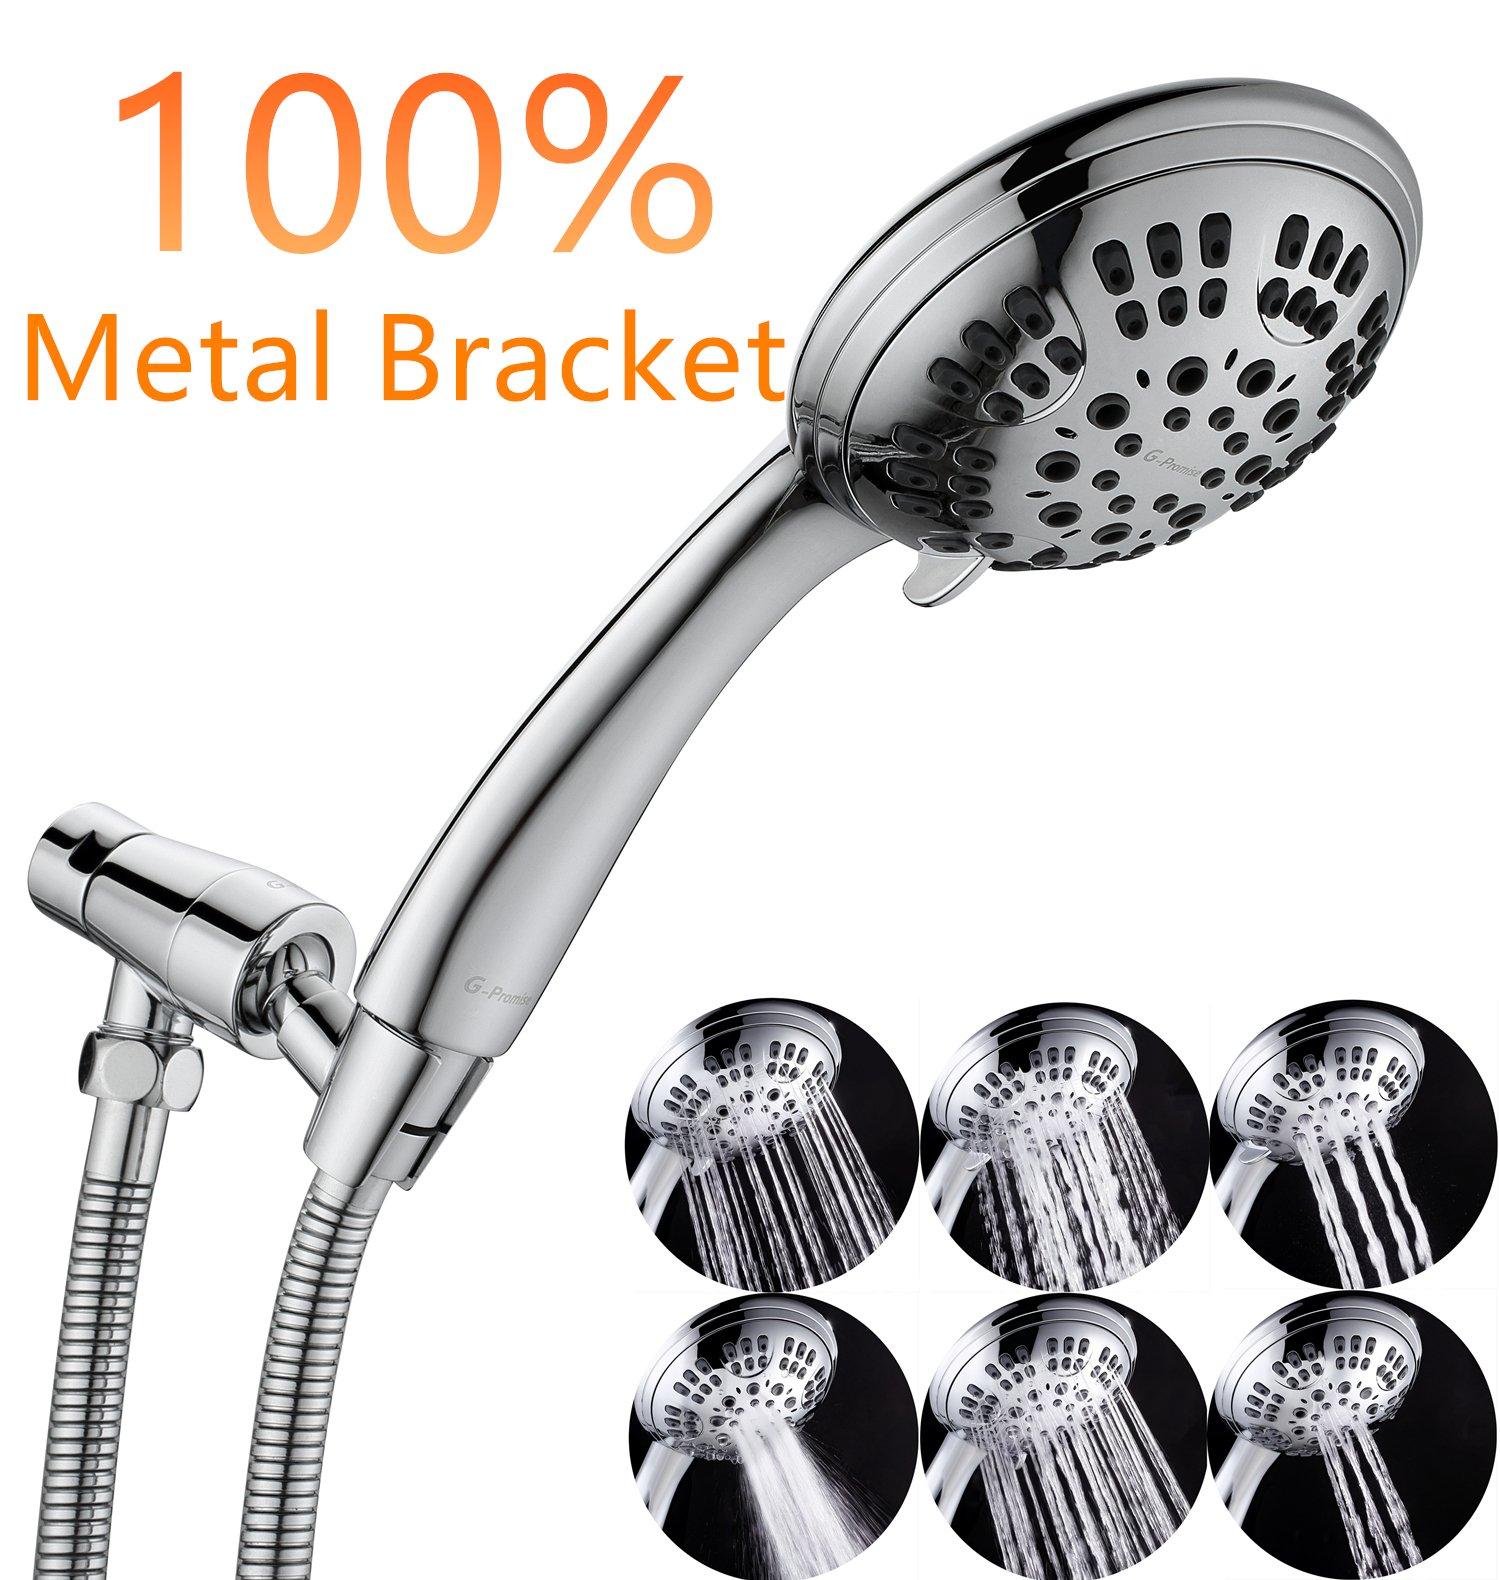 Cheap Adjustable Shower Arm Mount Find Adjustable Shower